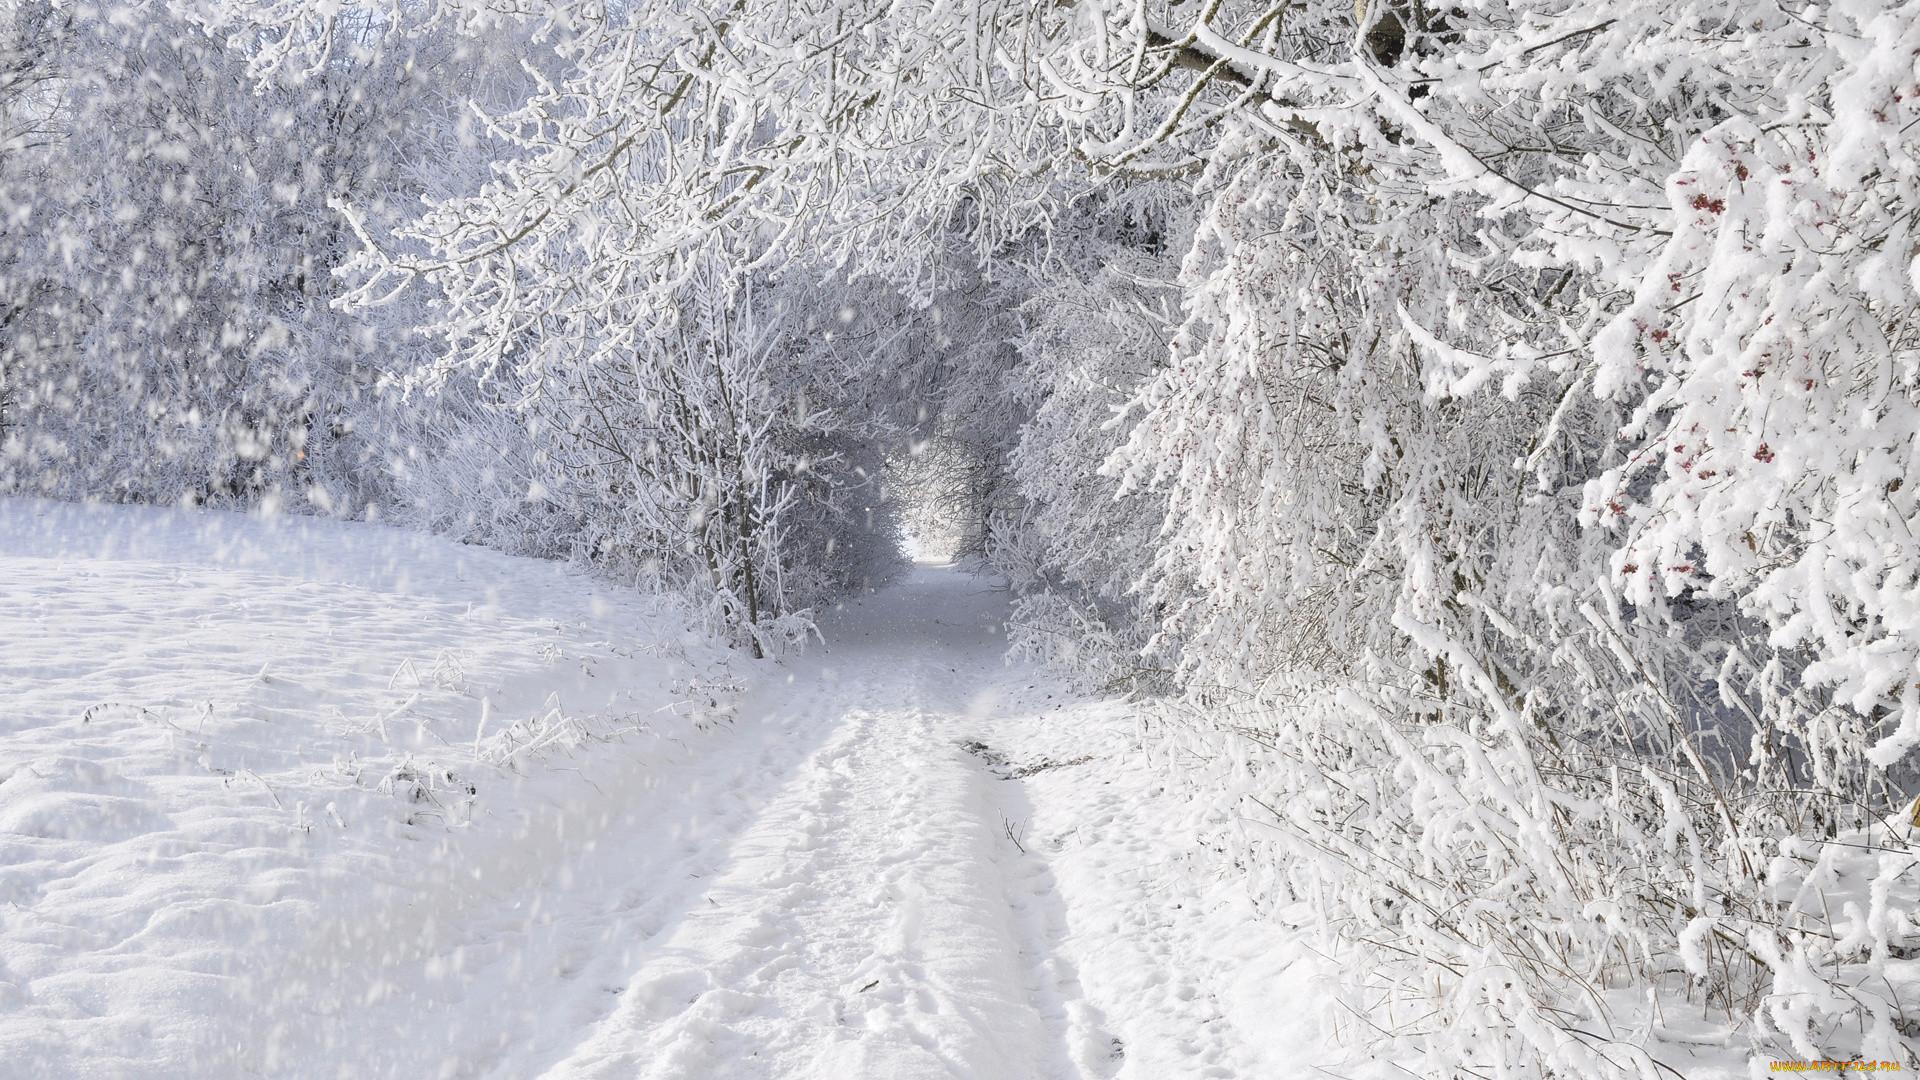 Зима дорога снег заснежено деревья